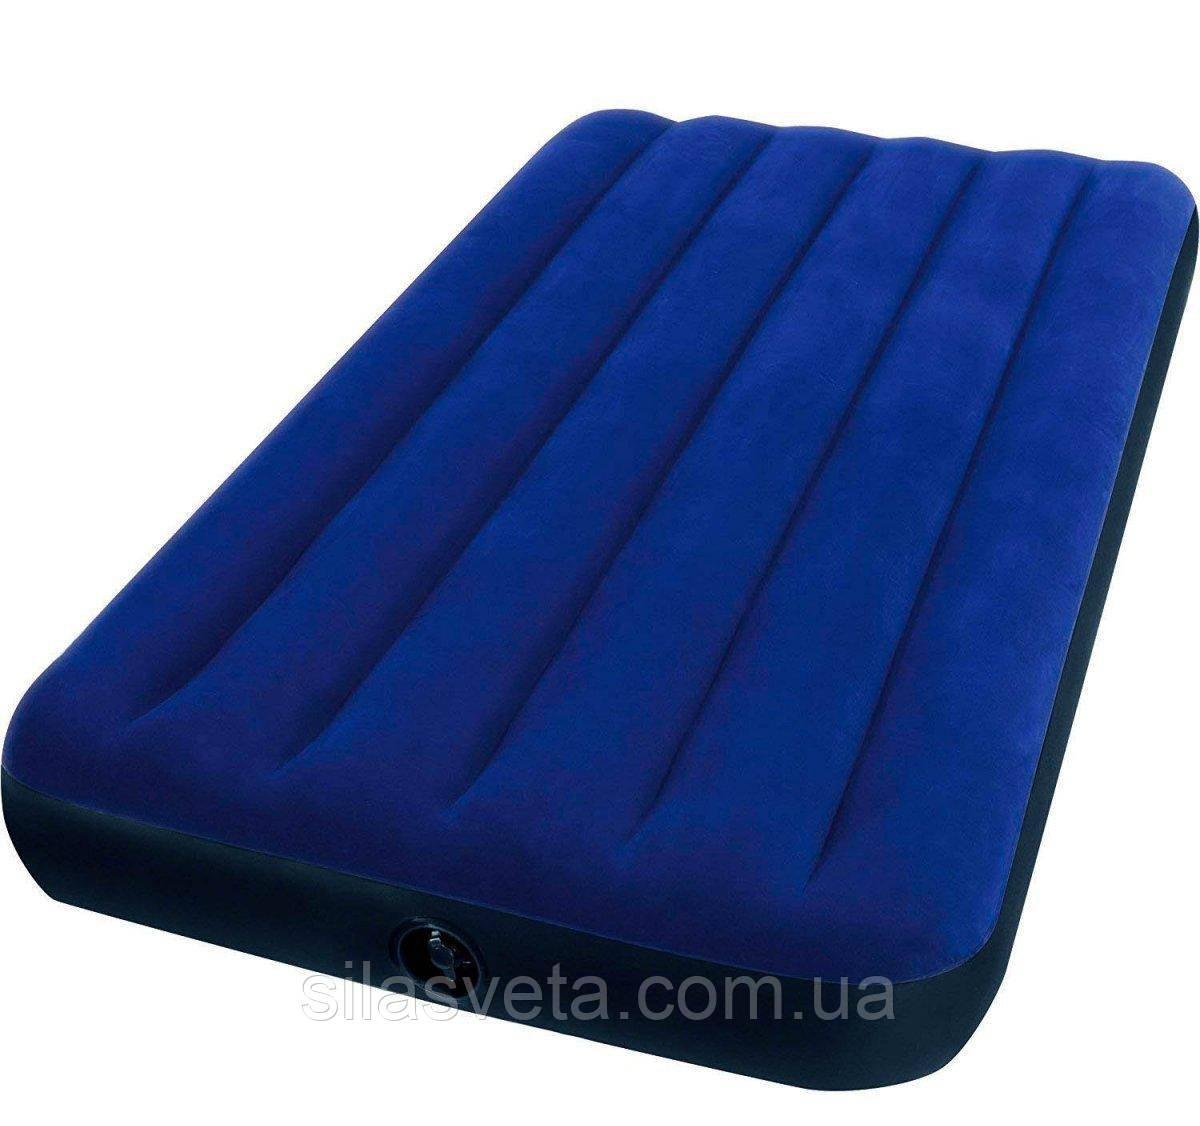 Надувной одноместный матрас Intex 68757  Classic Downy Bed (76х191x22 см.)